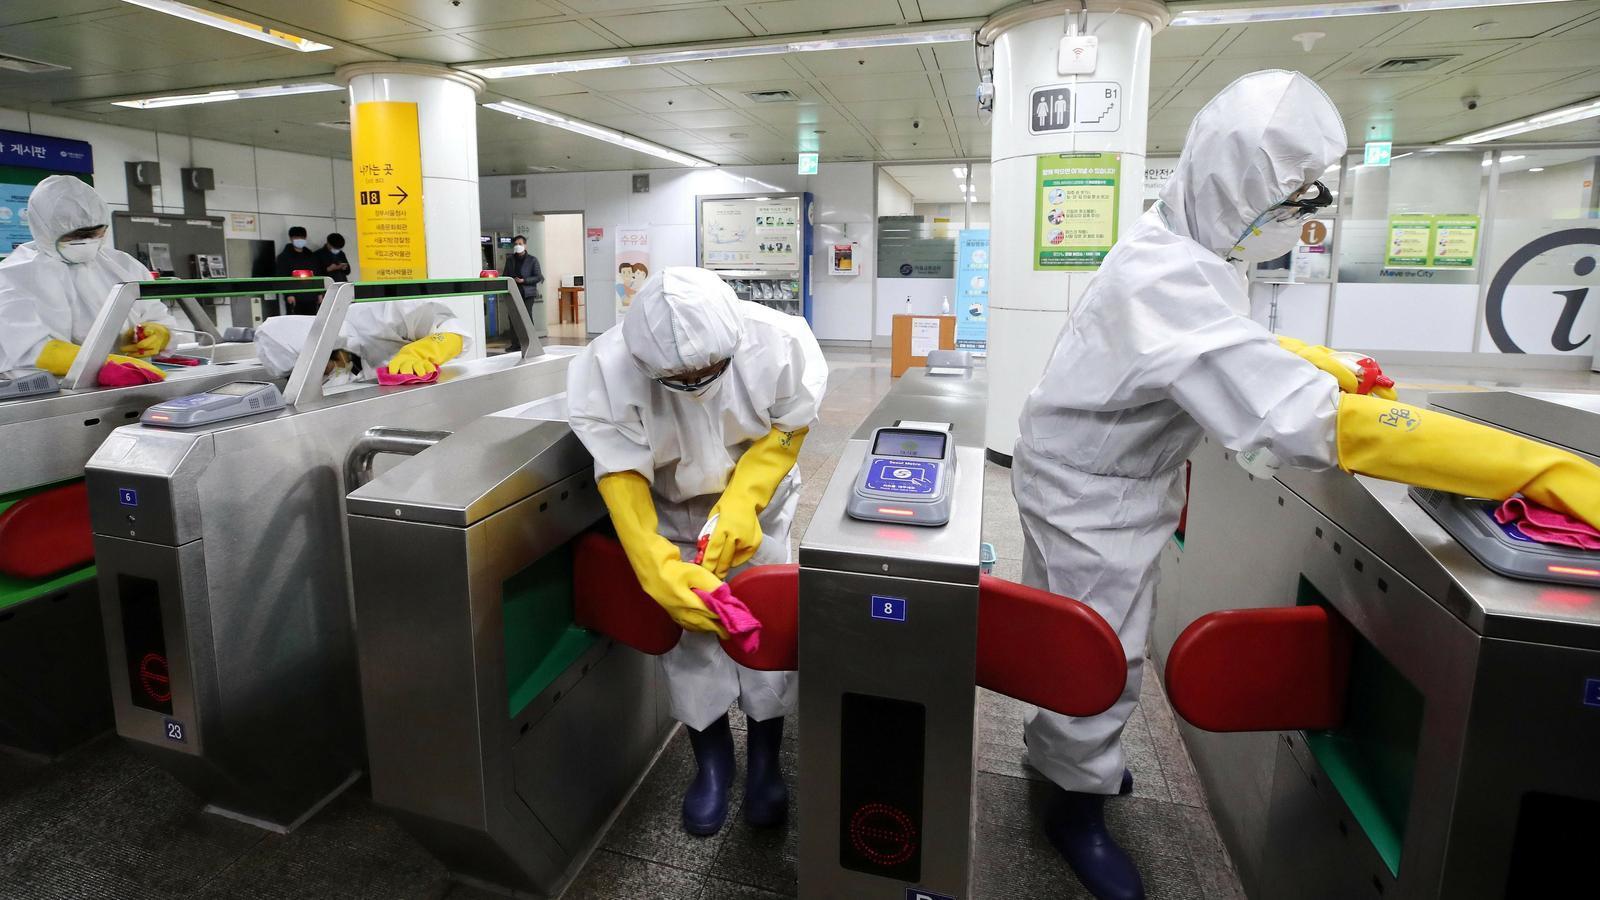 Treballadors netegen el mobiliari del metro a Seül, Corea del Sud.